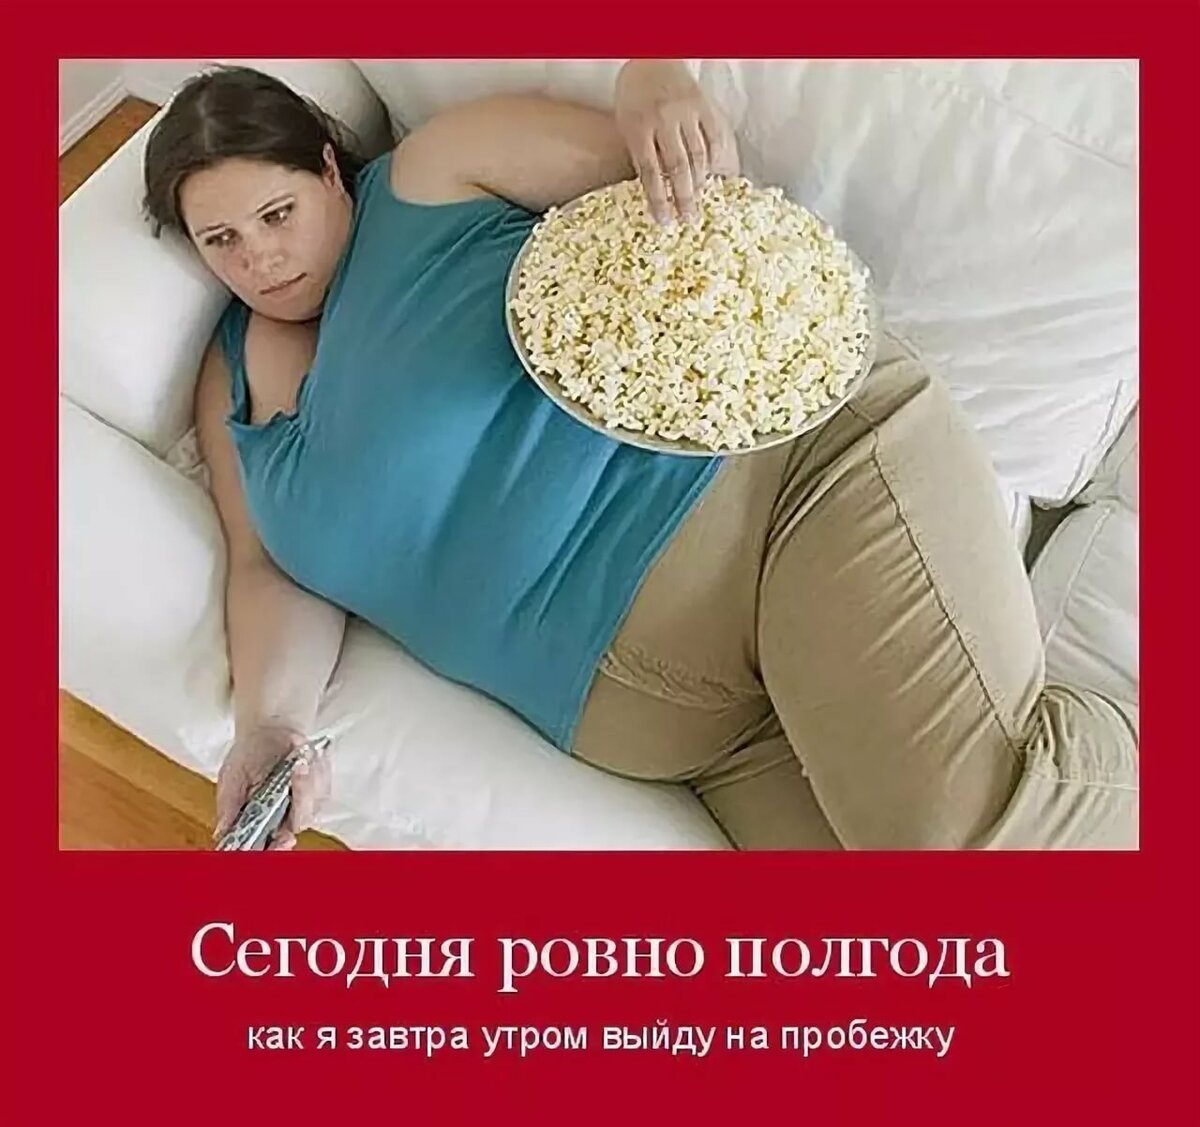 Демотиватор про толстых людей